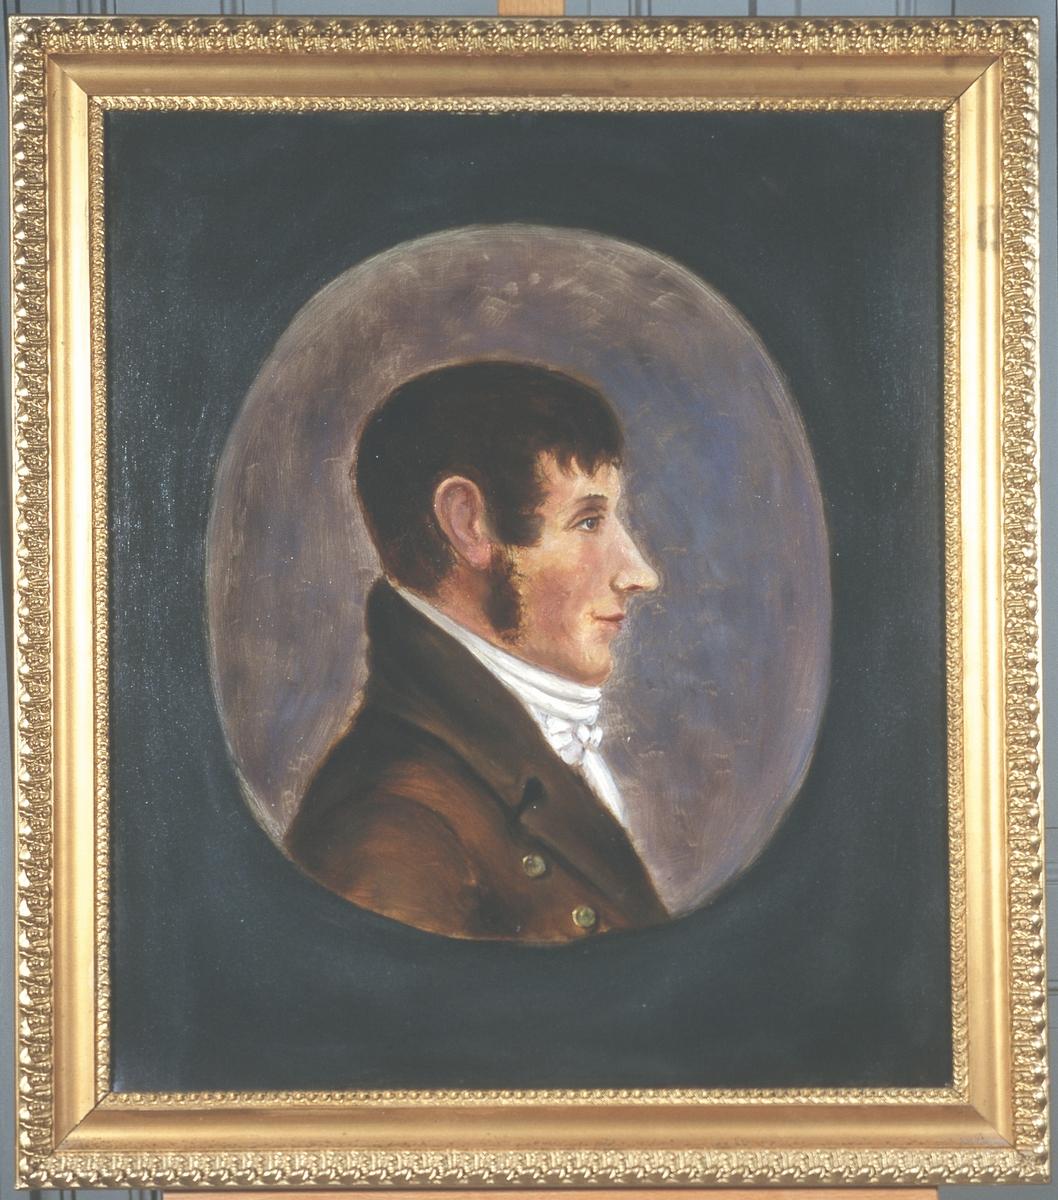 Portrett av Jørgen Aall.  Mann med brunt hår, framoverkjemmet, og brunt kinnskjegg.  Brun kledning og hvit skjorte/halsbind.  2 synlige knapper.  Innskrevet i oval, lysere enn resten av bakgrunnnen